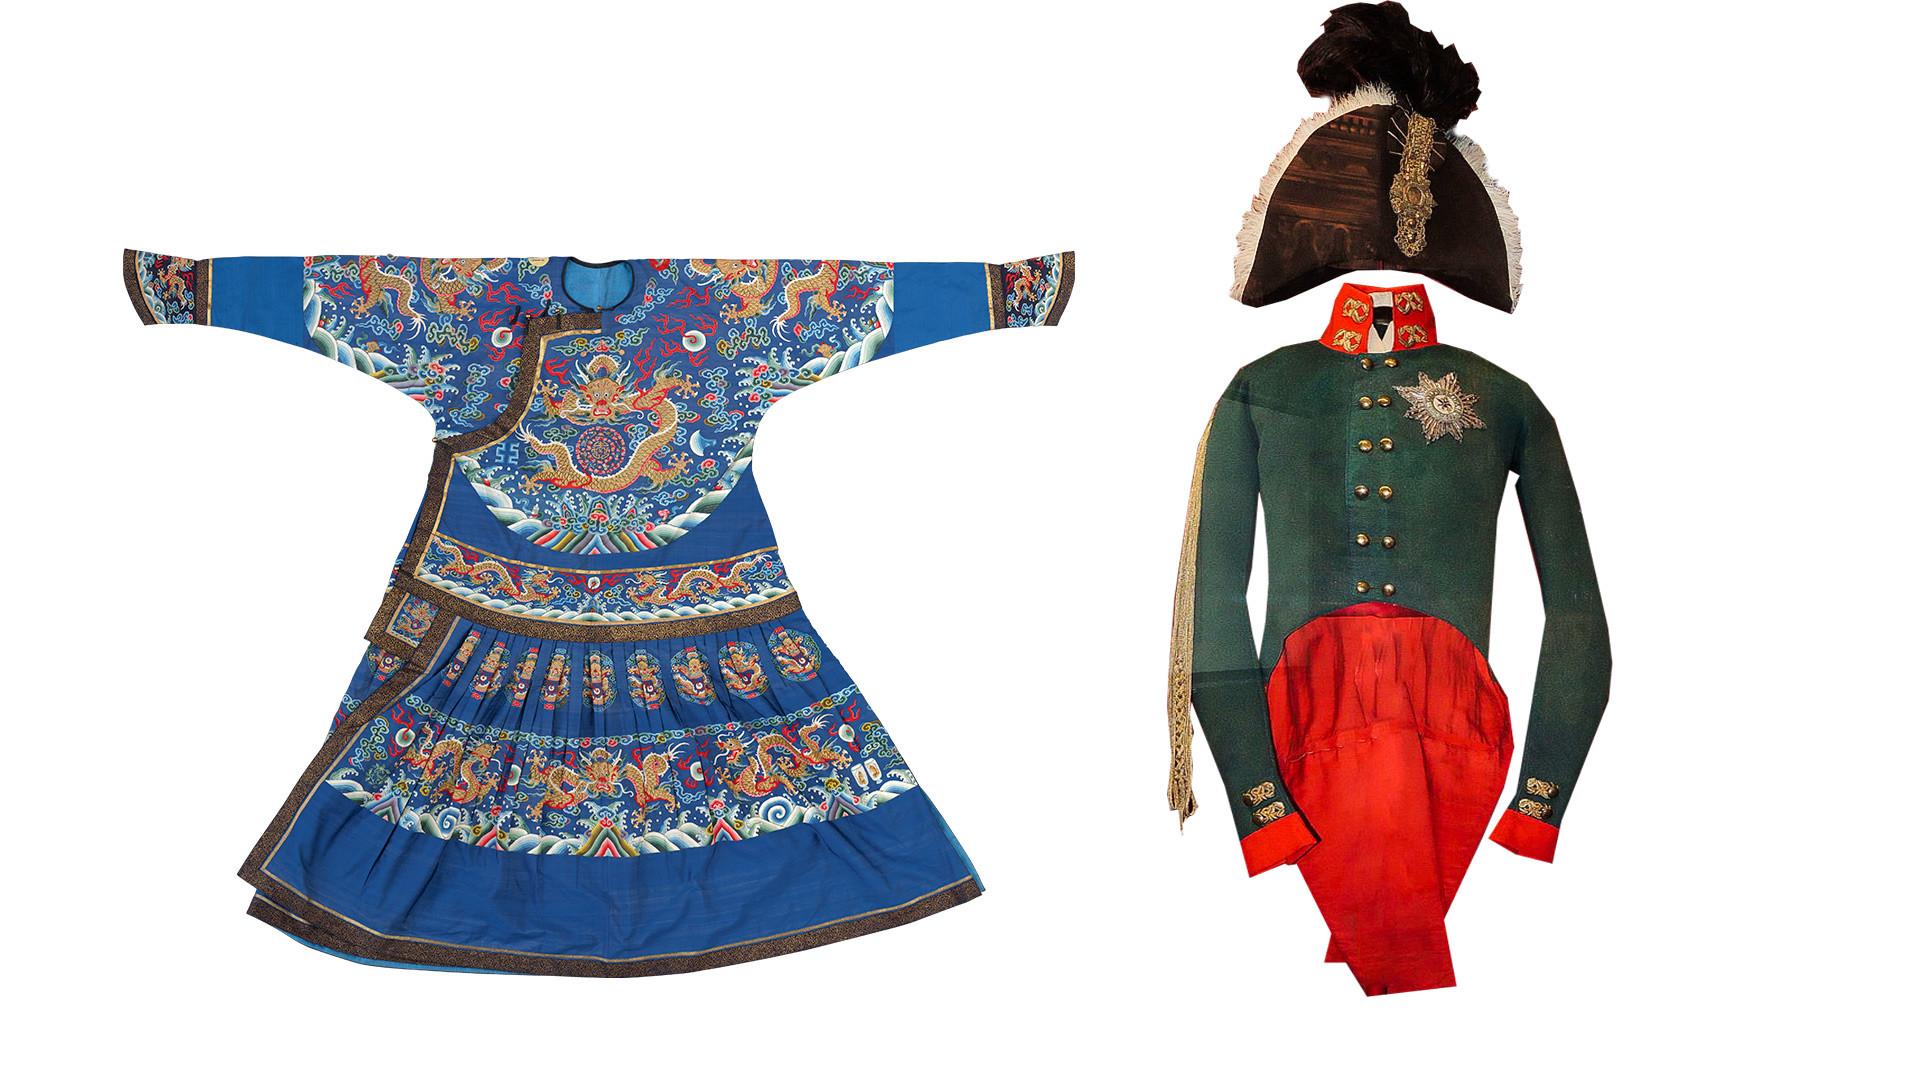 Слева: Парадное одеяние императора – халат чаопао. Эпоха Цин, правление Цзяцин (1796–1821). Справа: Коронационный костюм императора Александра I